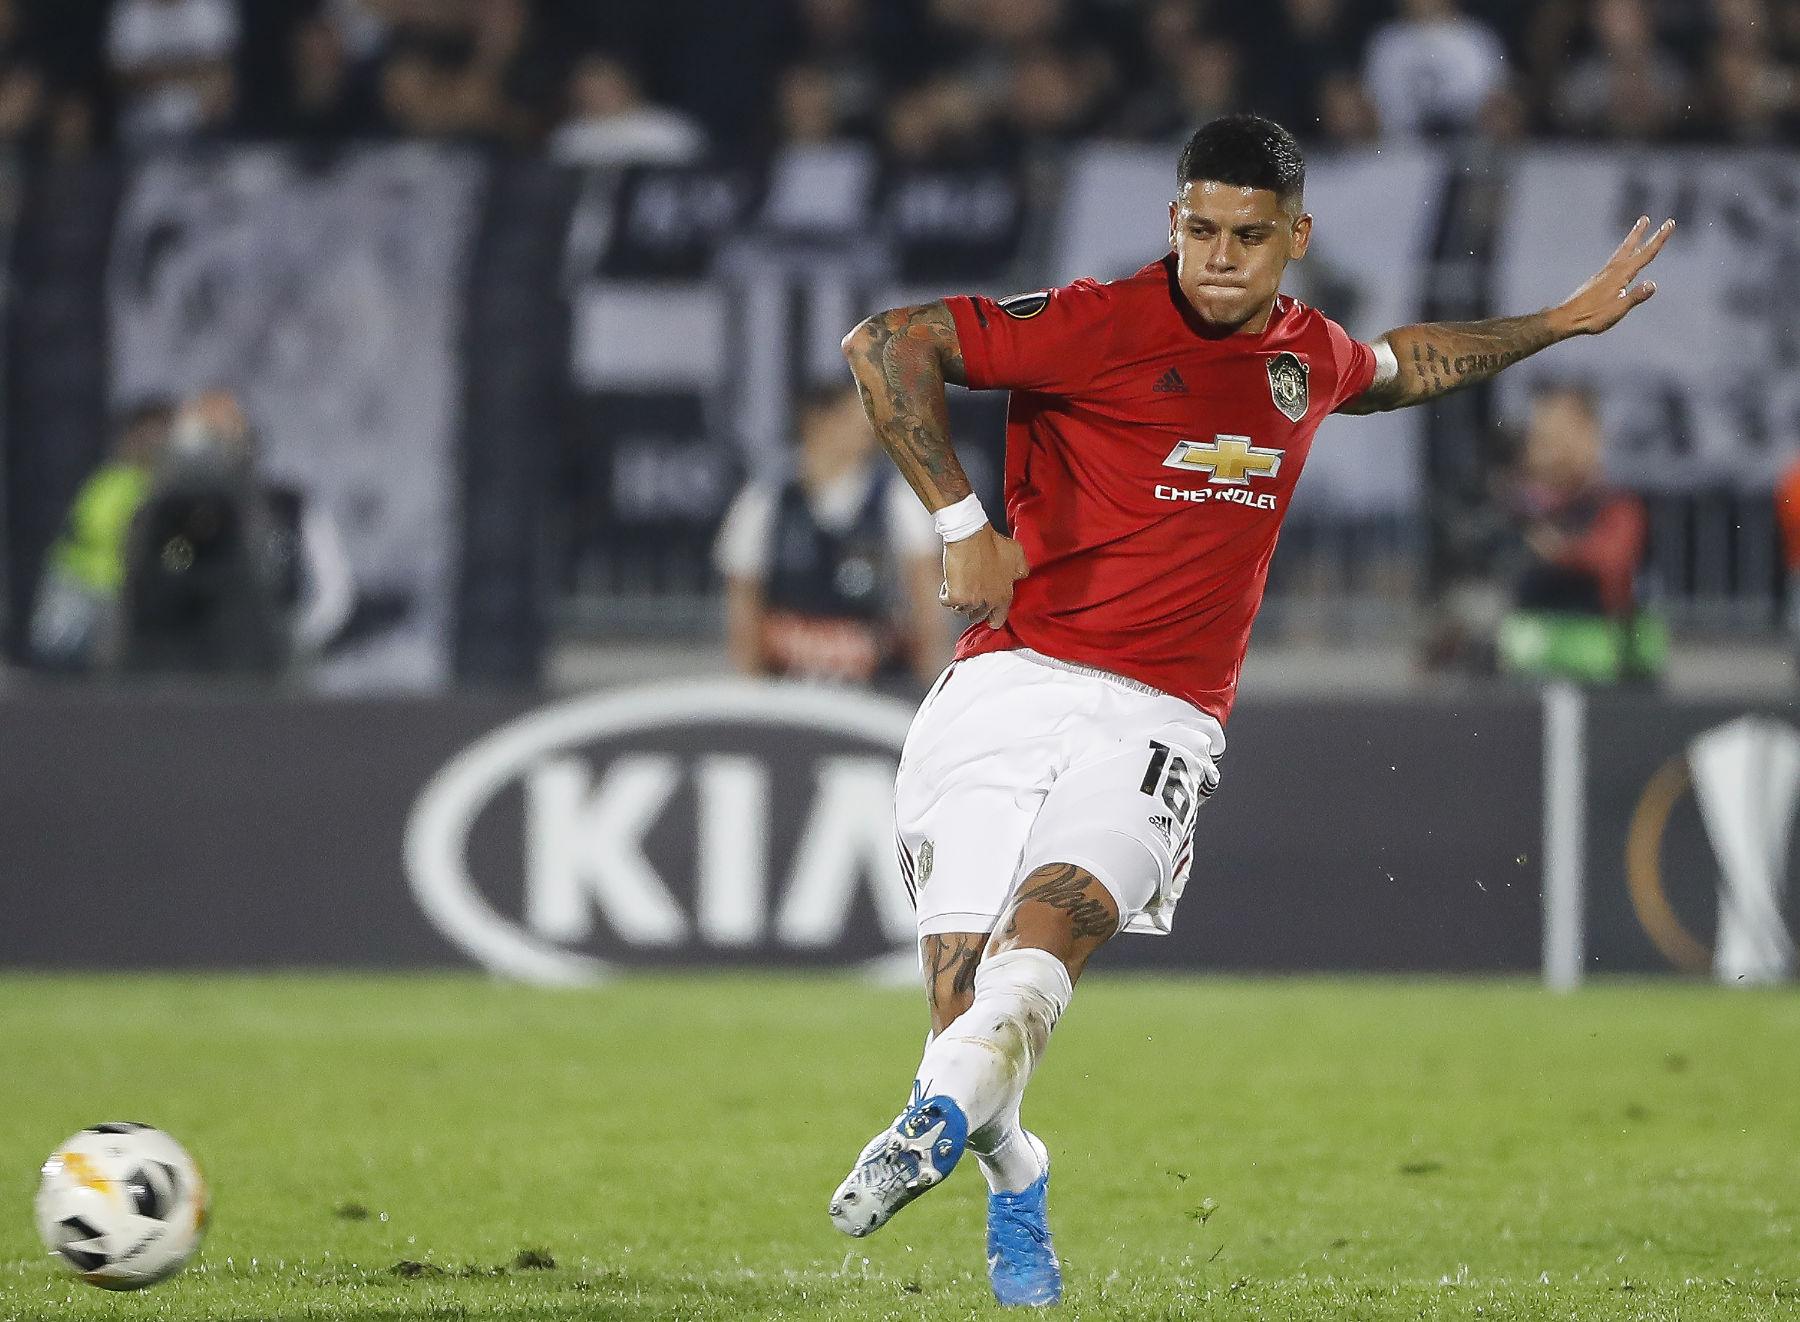 Manchester United Defender Causes Stir After Wearing PSG